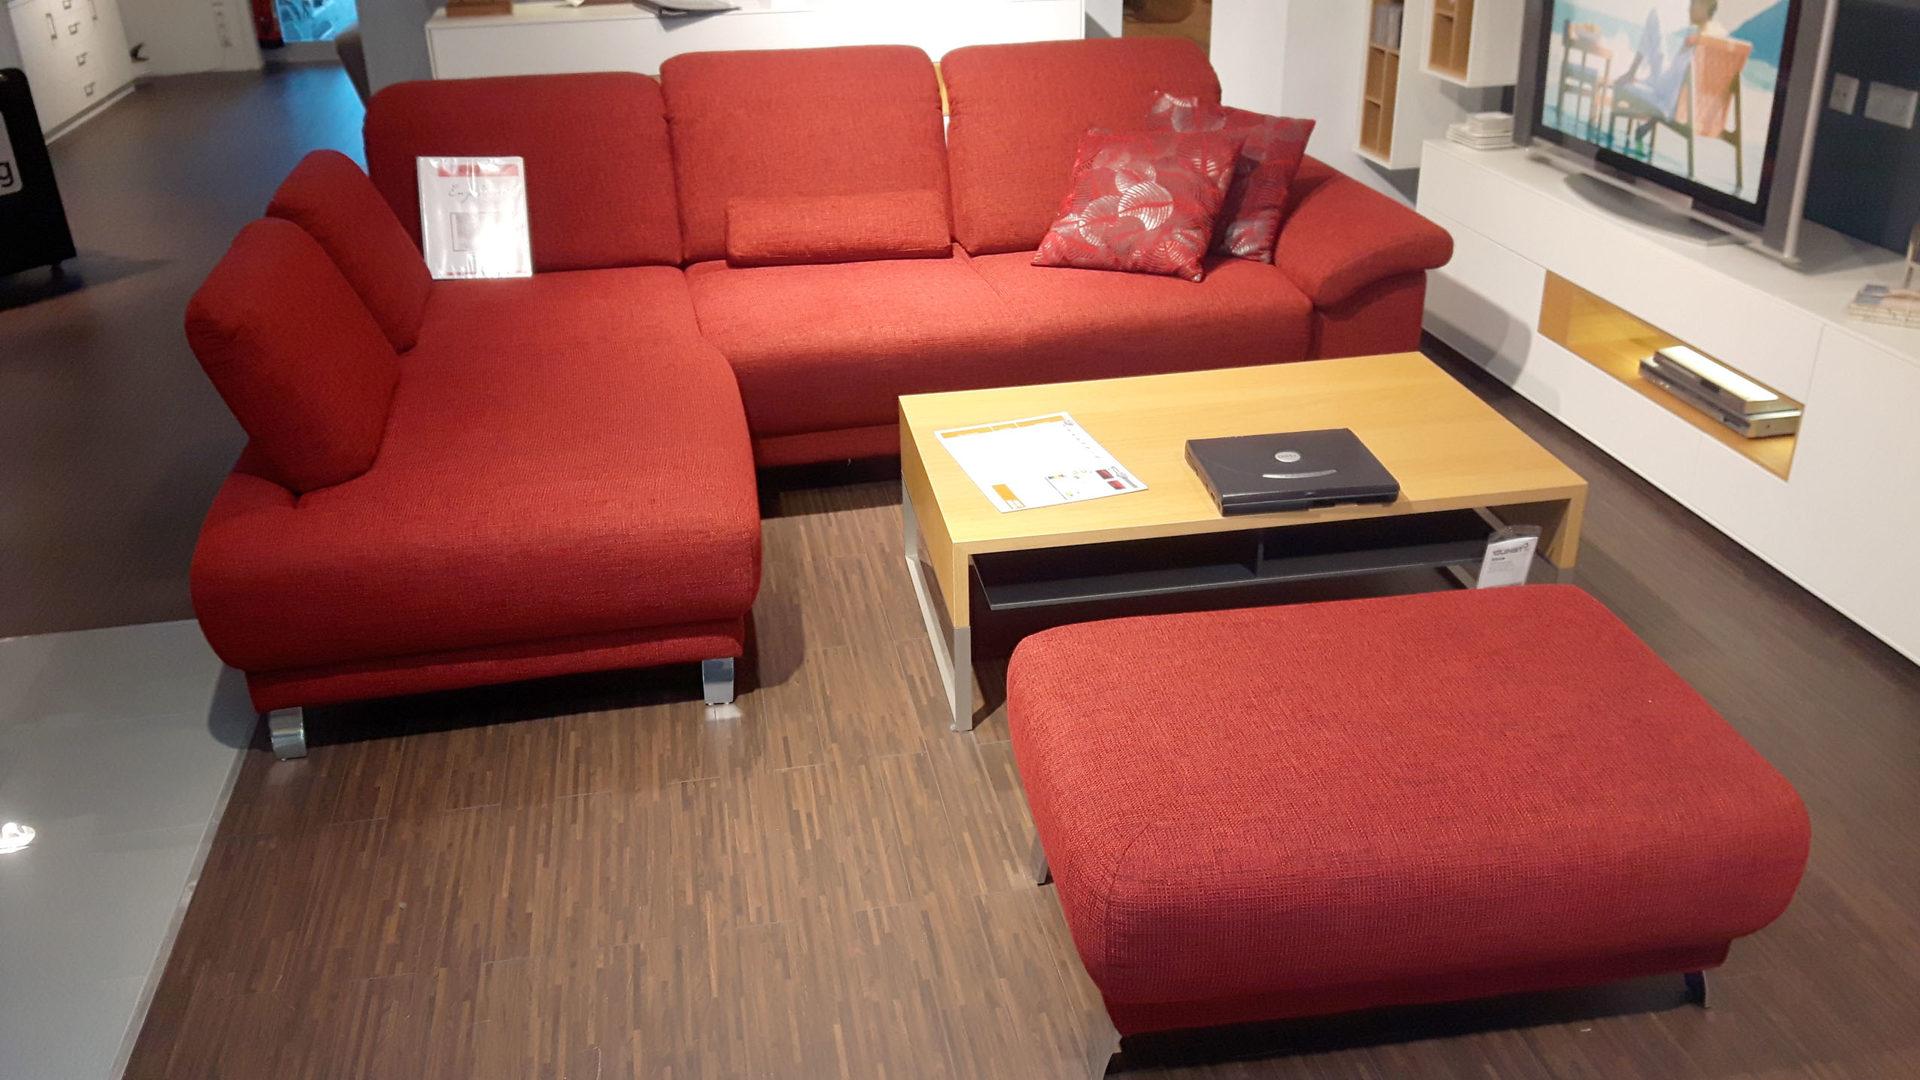 Möbel Gunst gunst schwäbisch möbel a z dietsch tiamo polstergarnitur